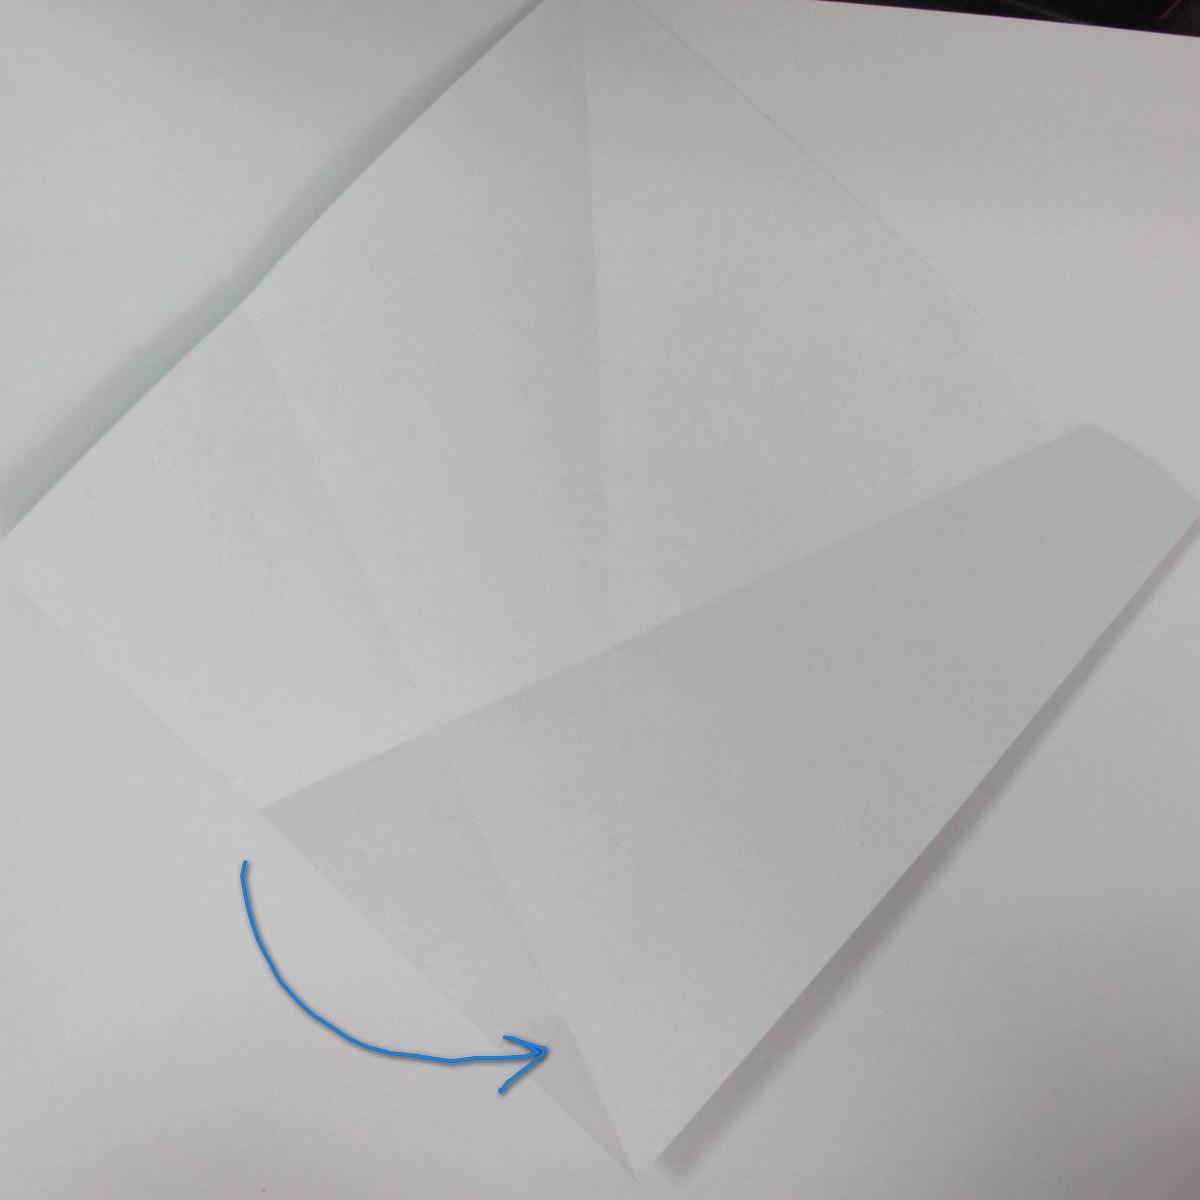 วิธีการพับกระดาษเป็นรูปม้า (Origami Horse) 006